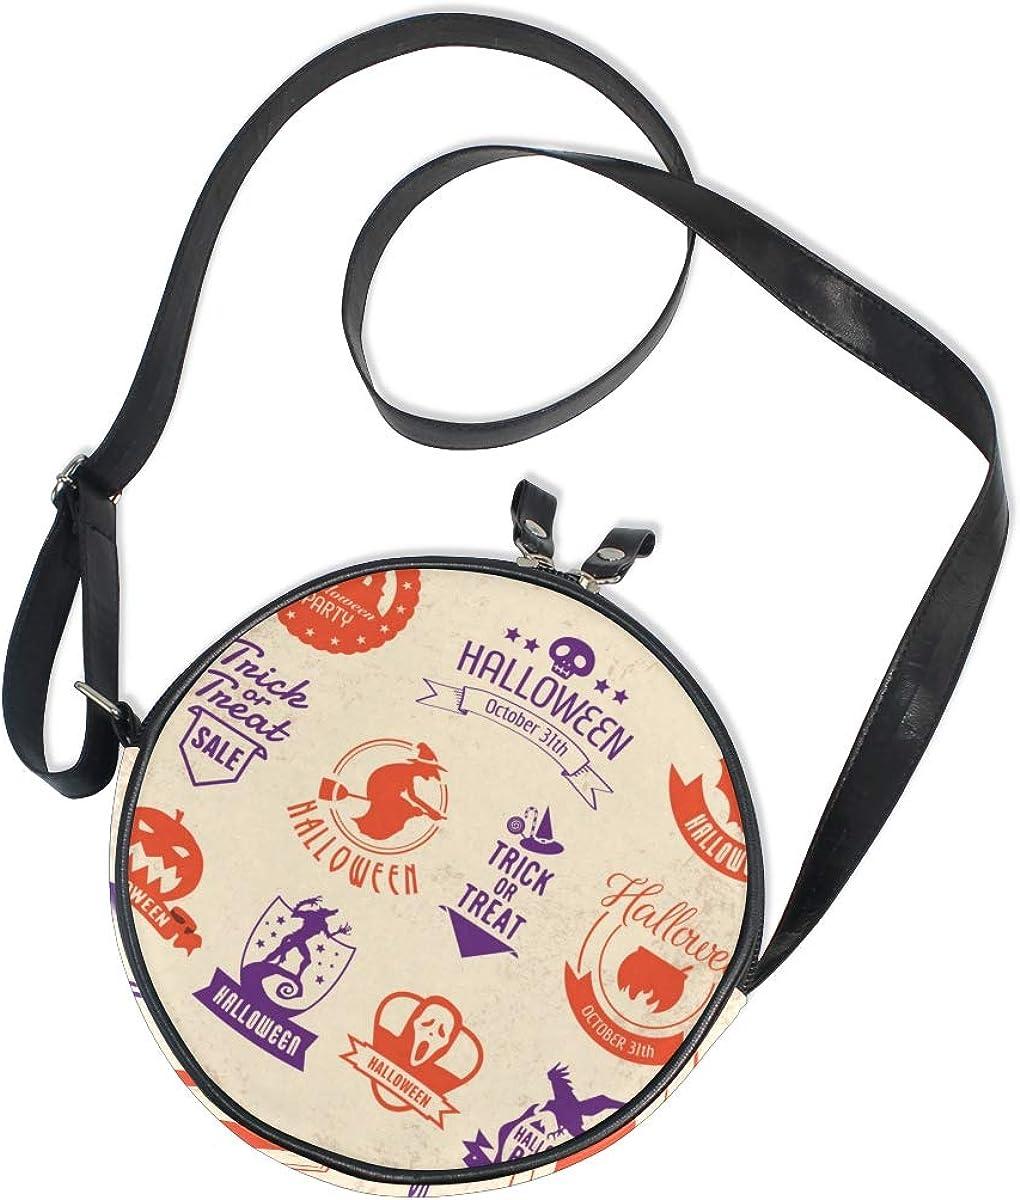 KEAKIA Halloween Set Round Crossbody Bag Shoulder Sling Bag Handbag Purse Satchel Shoulder Bag for Kids Women